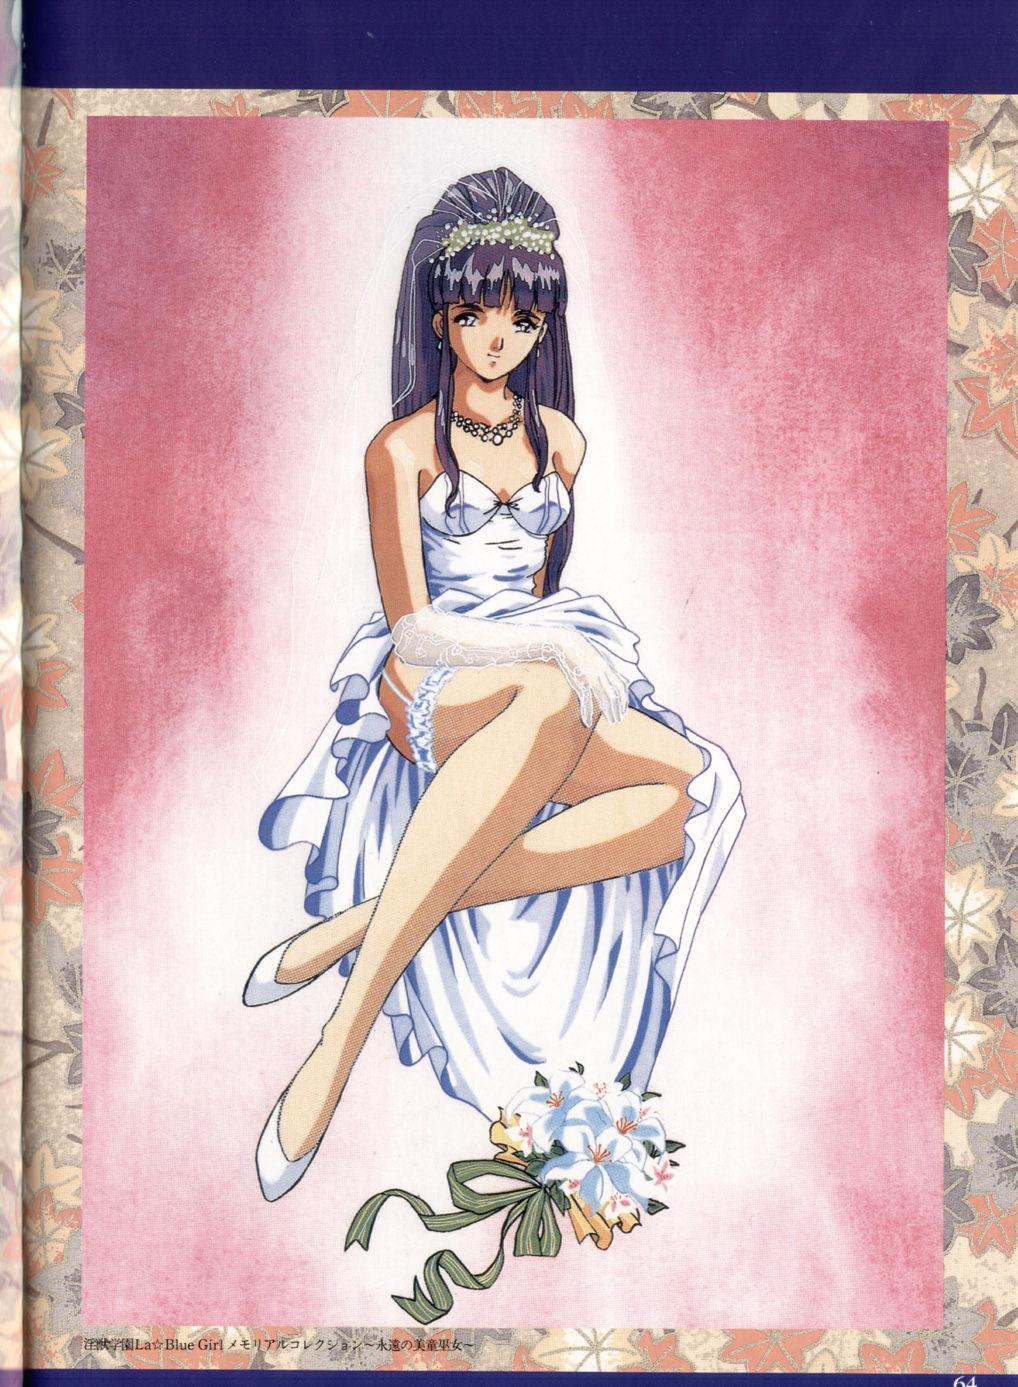 Injuu Gakuen You no Shou Secret File 59